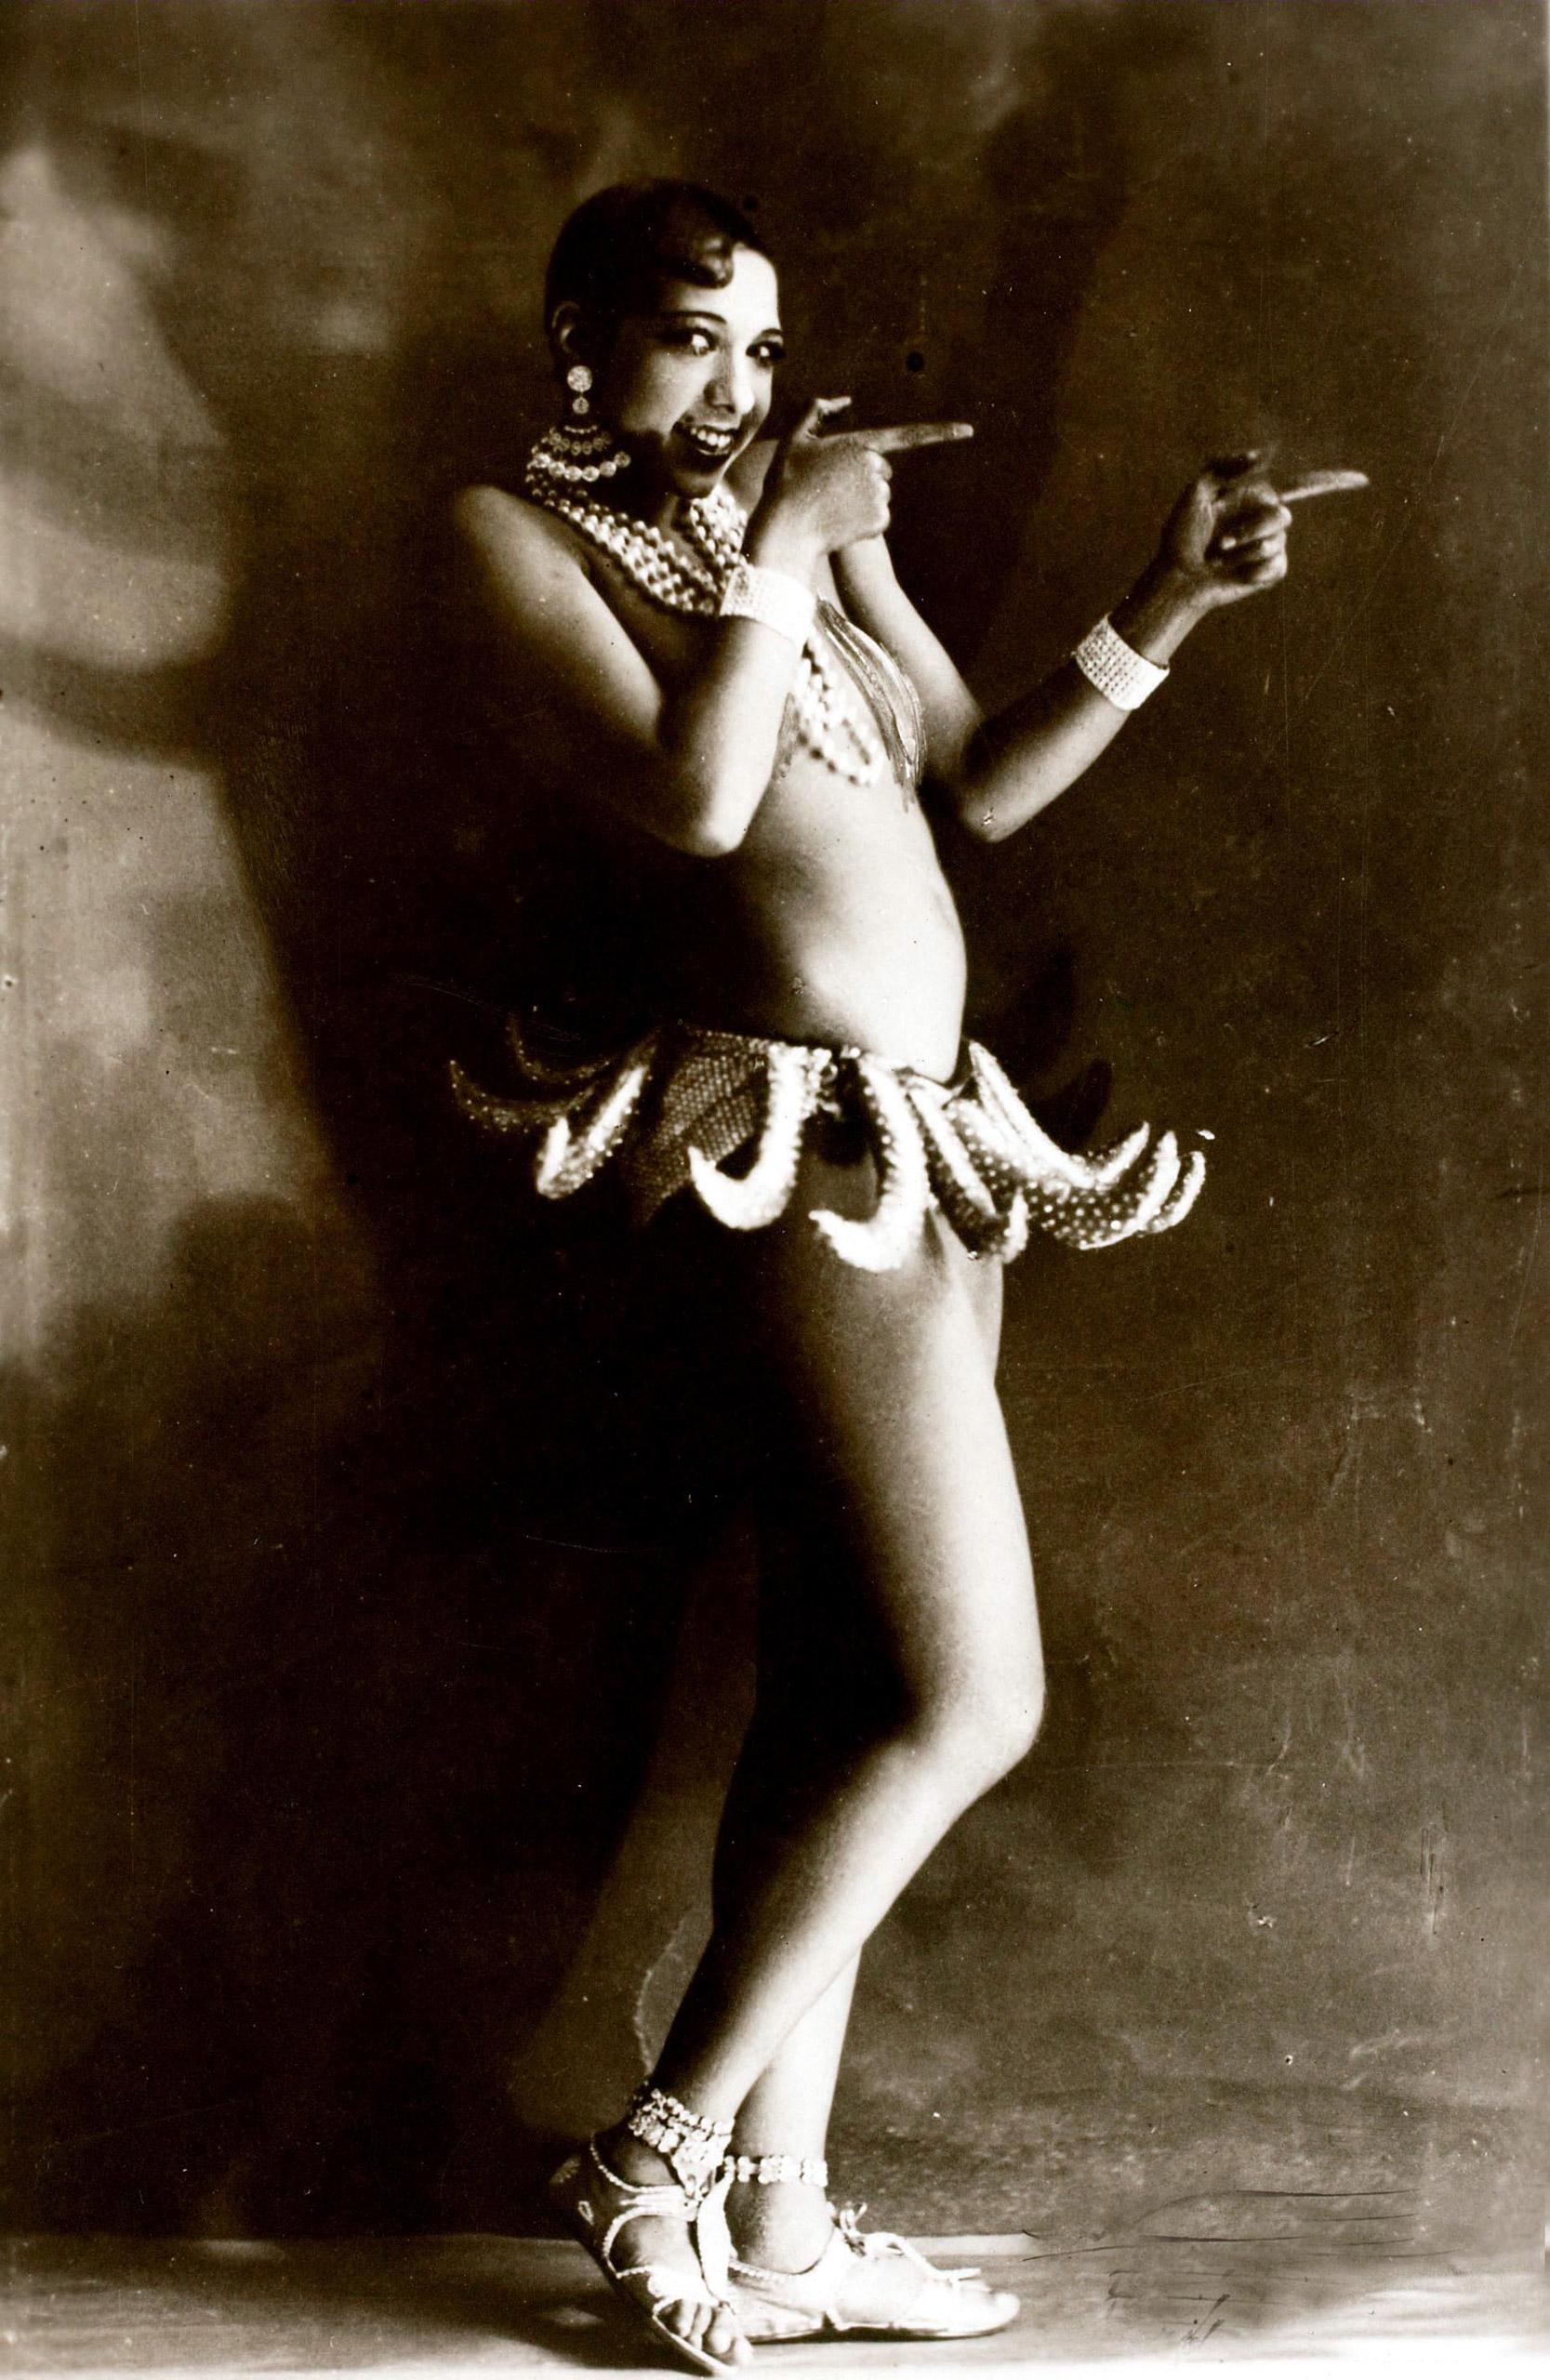 Josephine Baker wearing her famous banana costume, circa 1926.